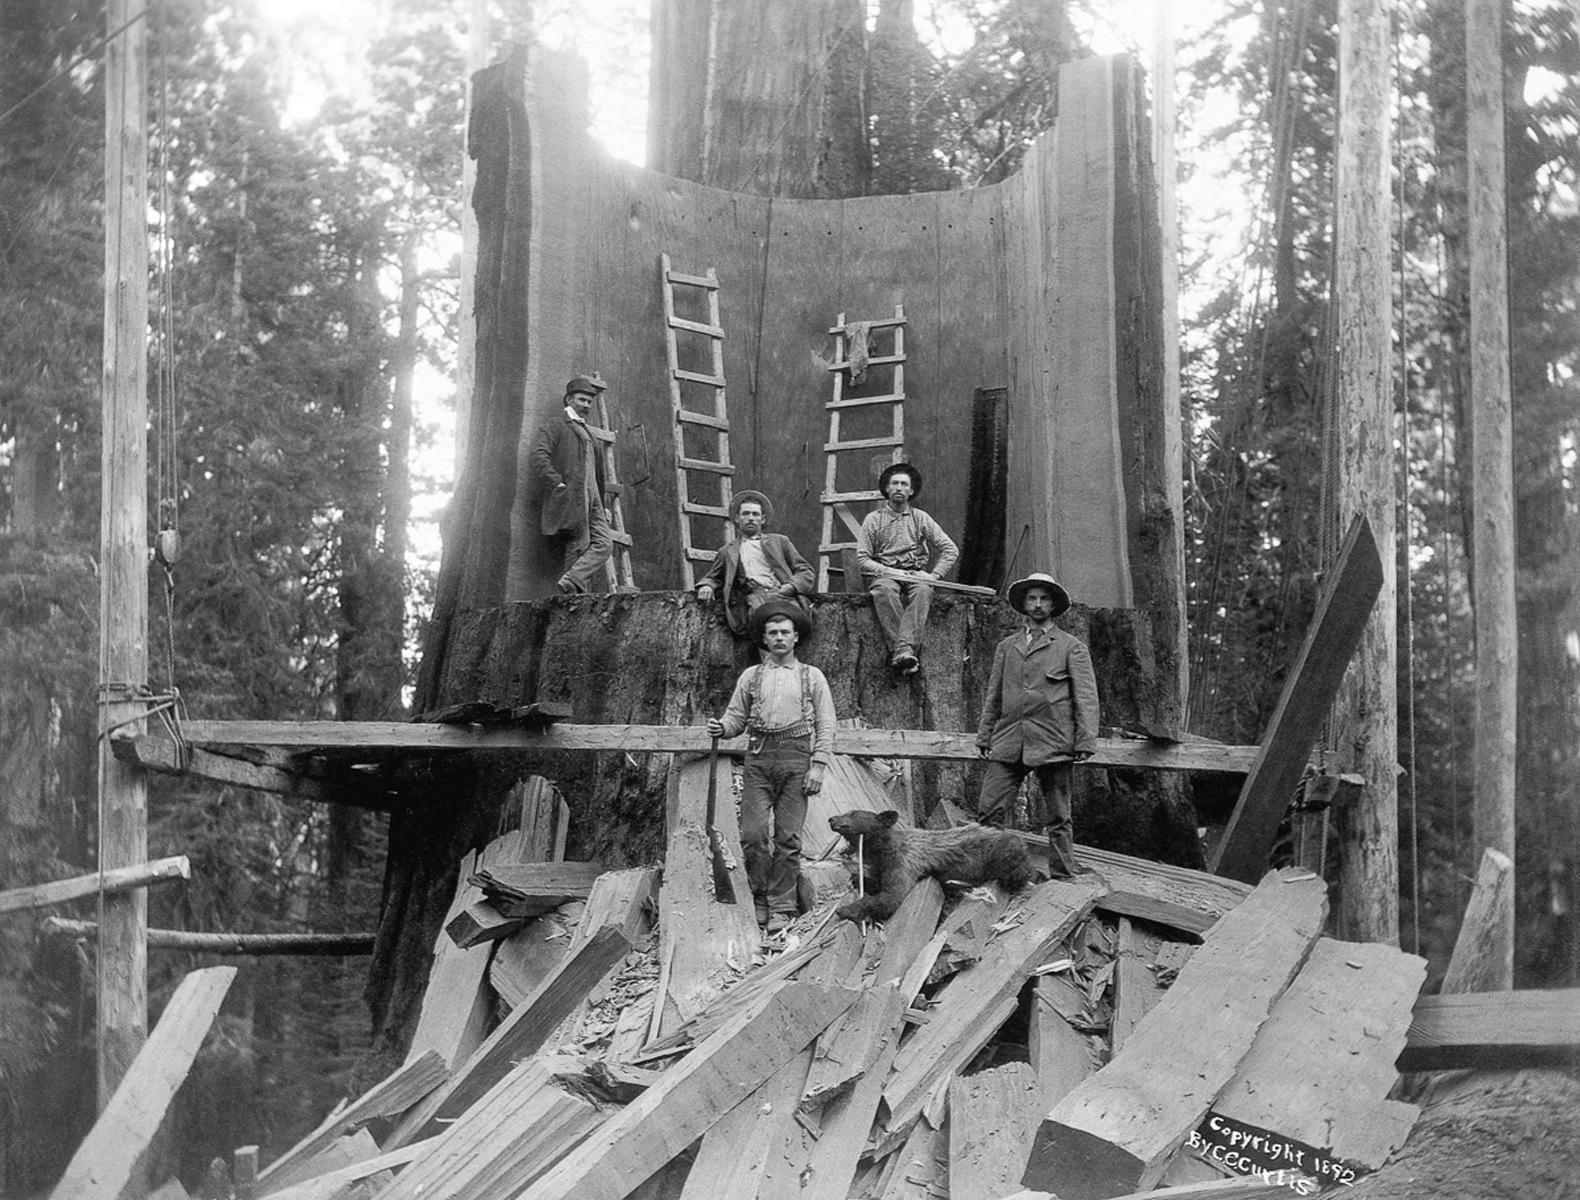 1892. Калифорния, США. Лесорубы, стоящие возле спиленного дерева в округе Тулар, штат Калифорния. Дерево было зарегистрировано на Всемирной Колумбийской выставке в Чикаго